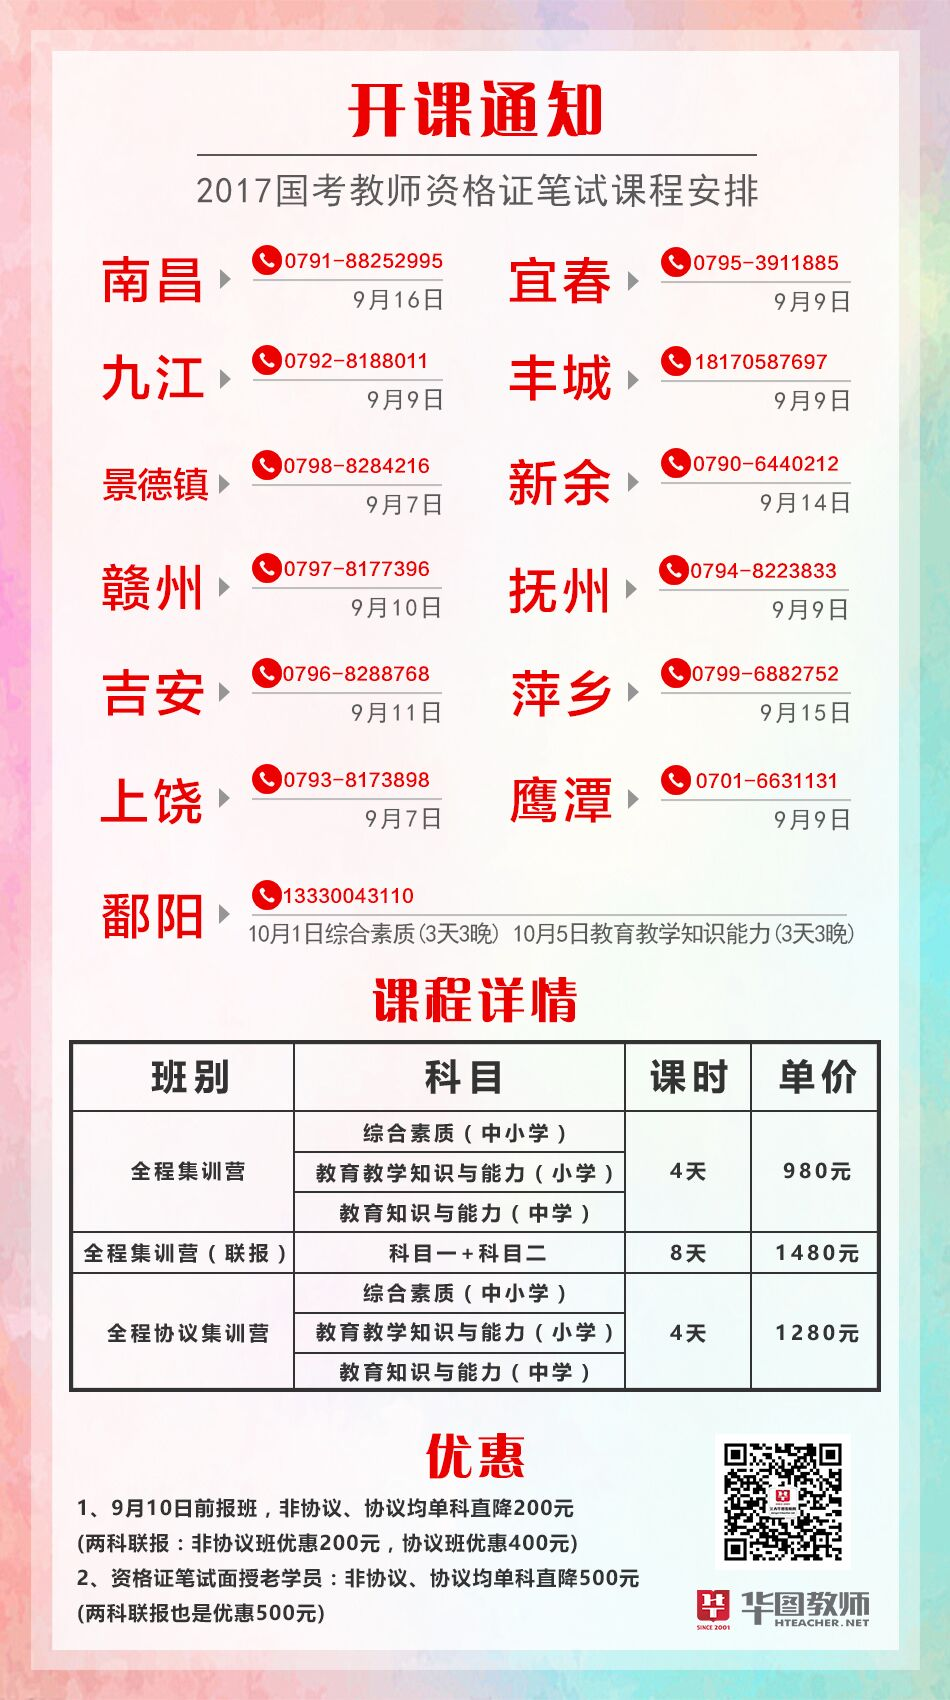 华图教育江西分校_2017下半年江西中小学教师资格考试报名入口